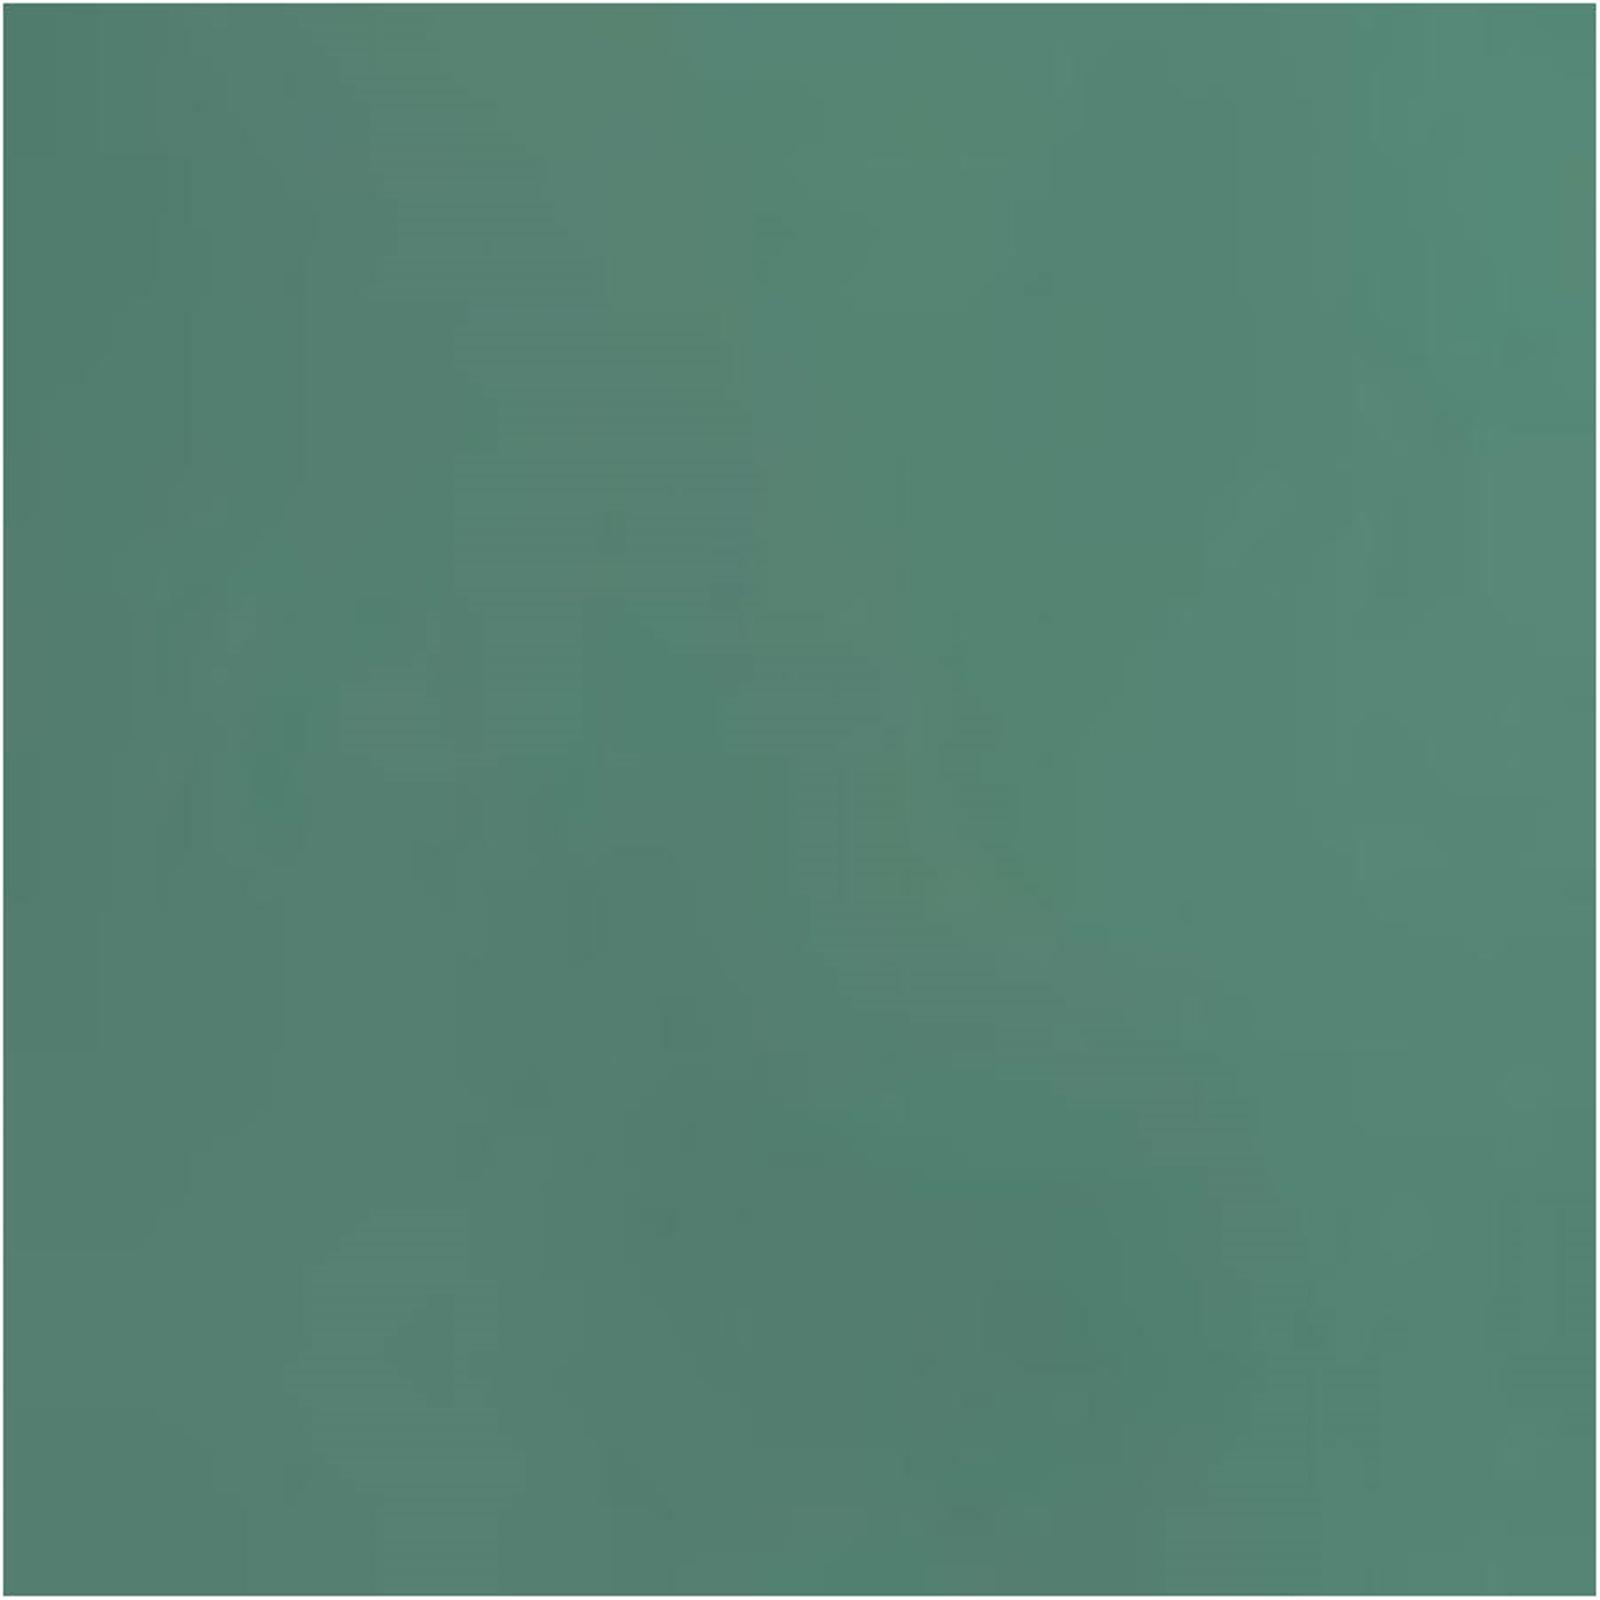 decor soft verde turcoaz